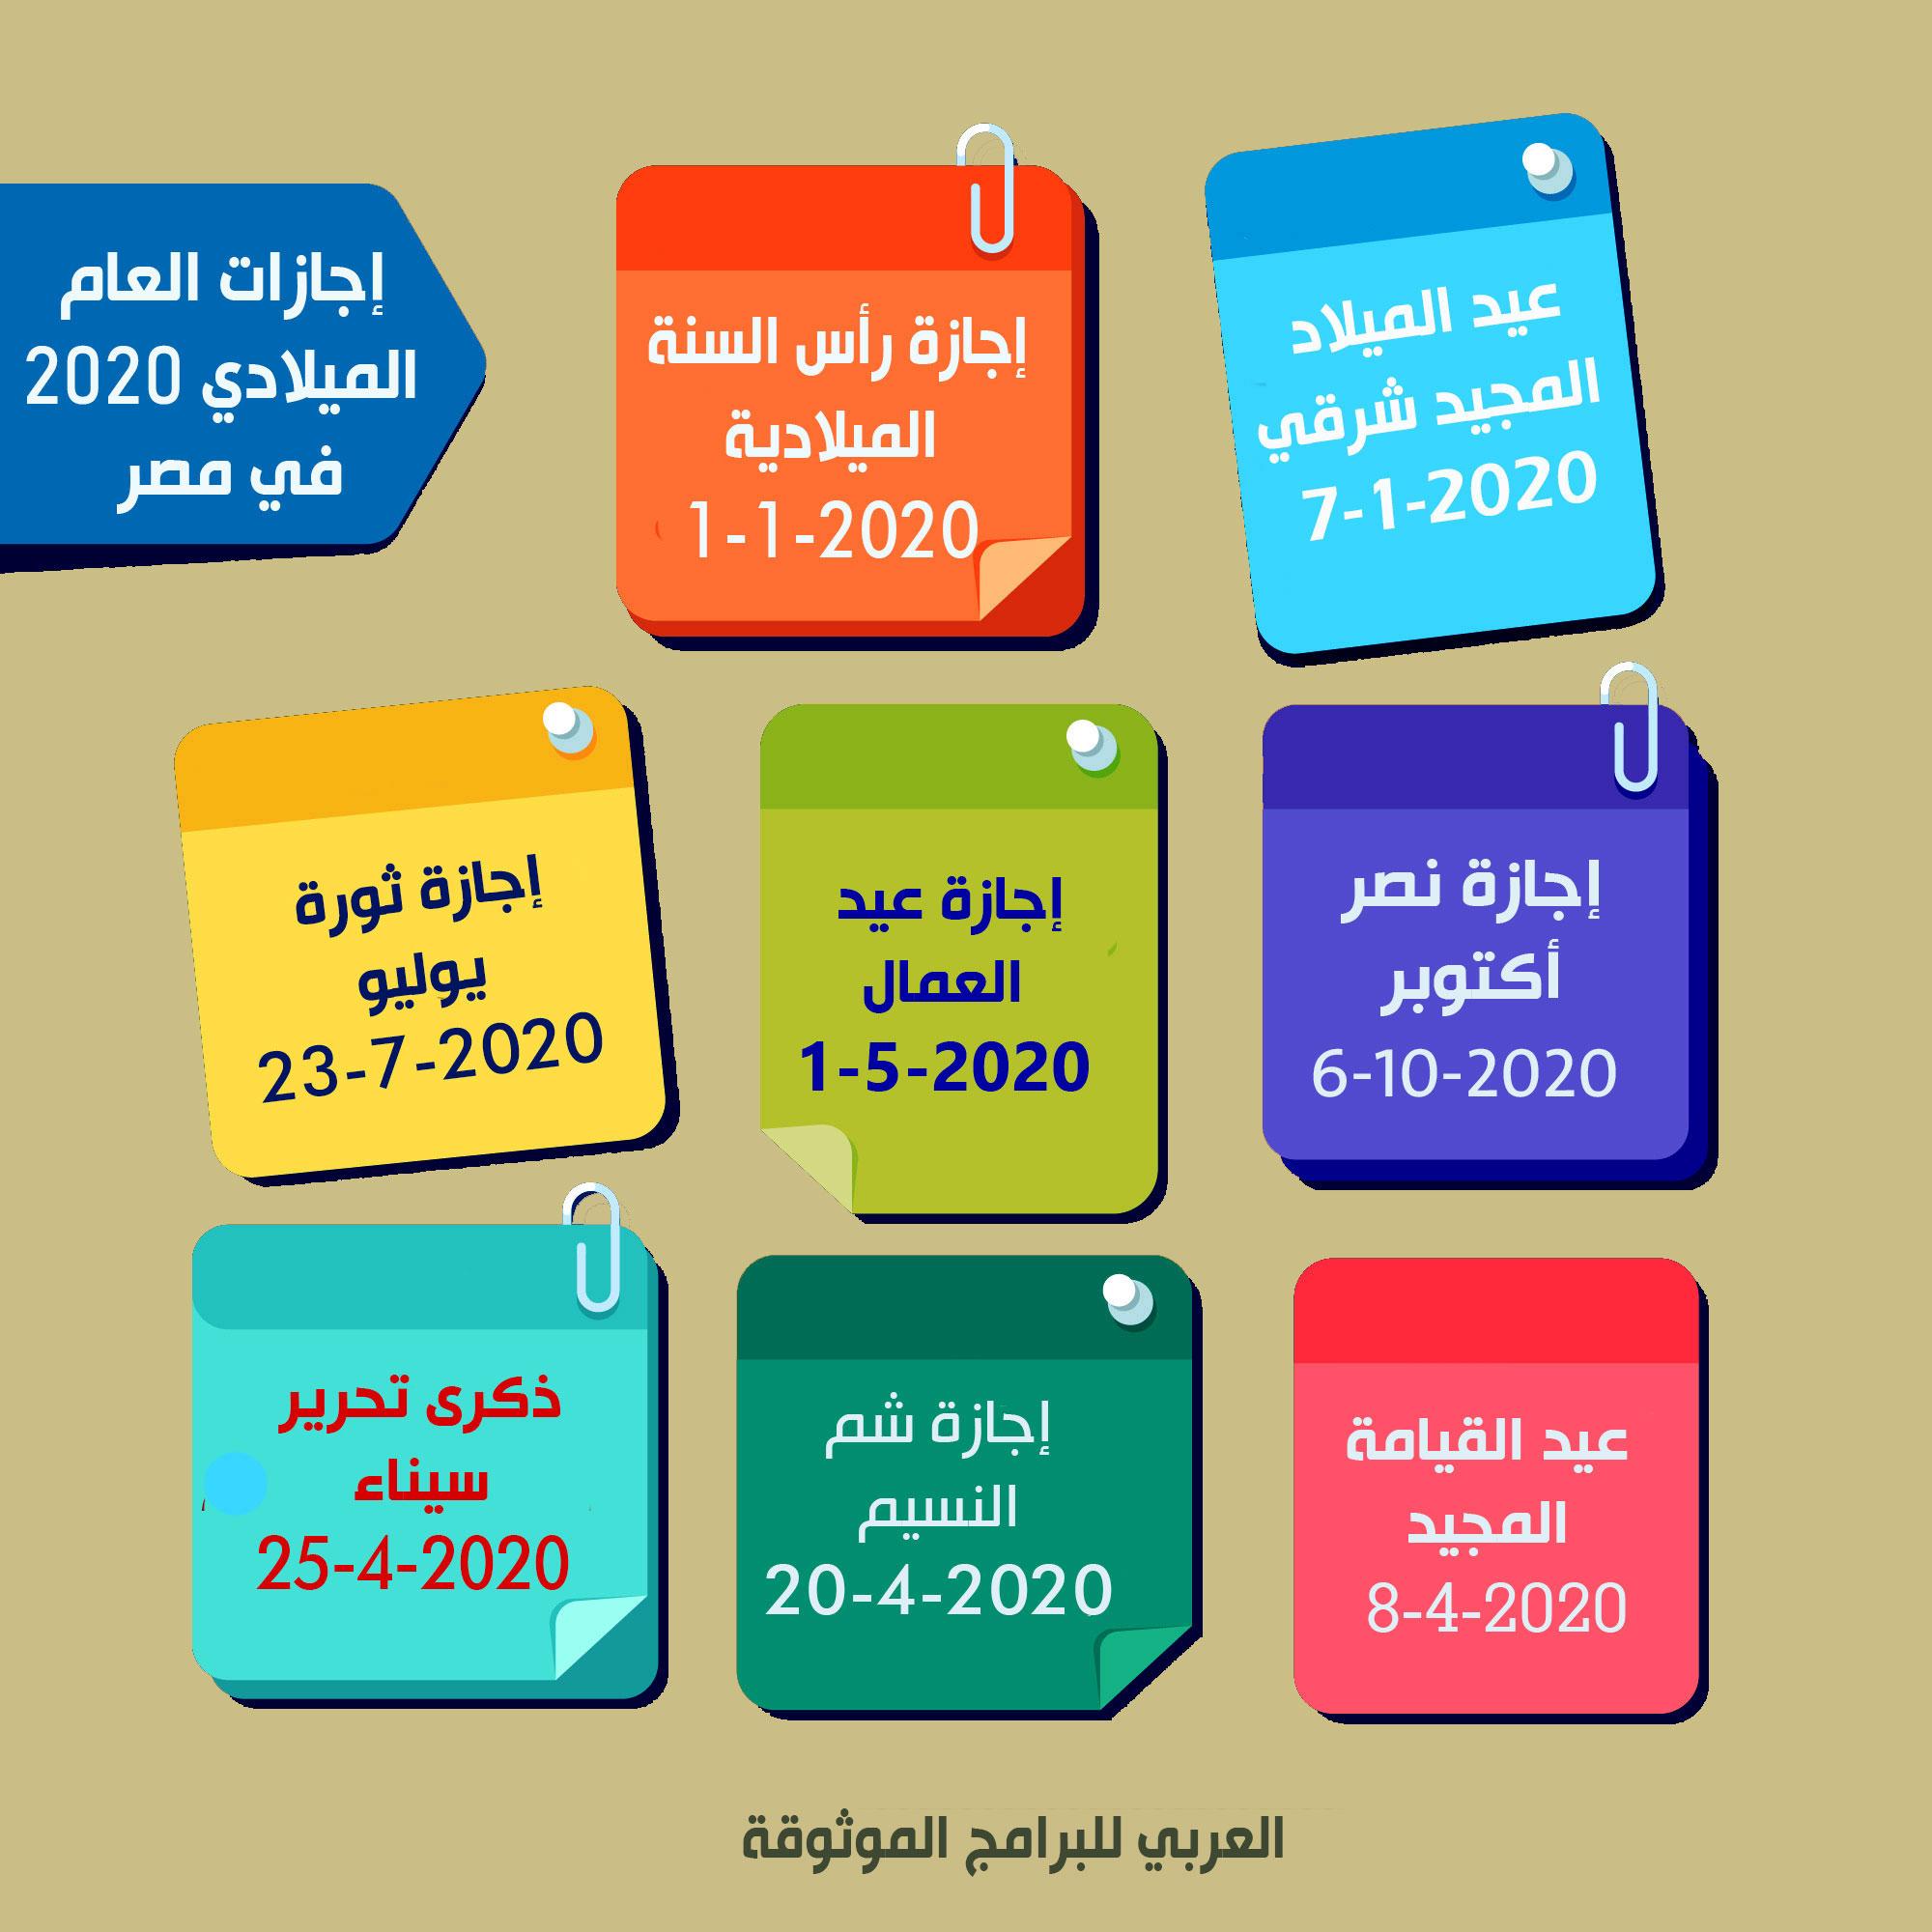 الإجازات الوطنية والدينية في مصر حسب التقويم الميلادي 2020